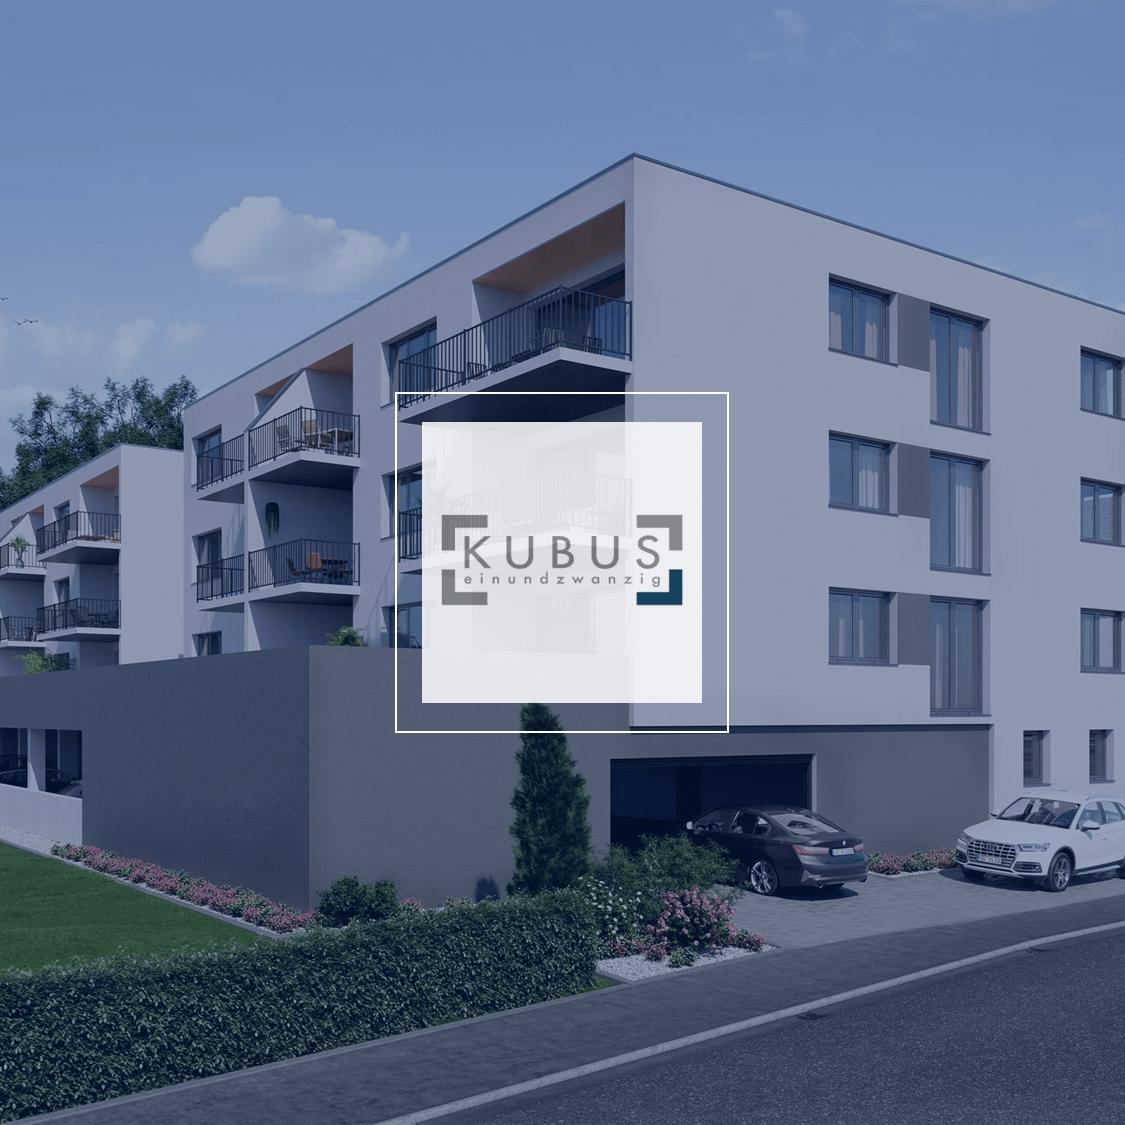 Projekt Kubus 21 Font